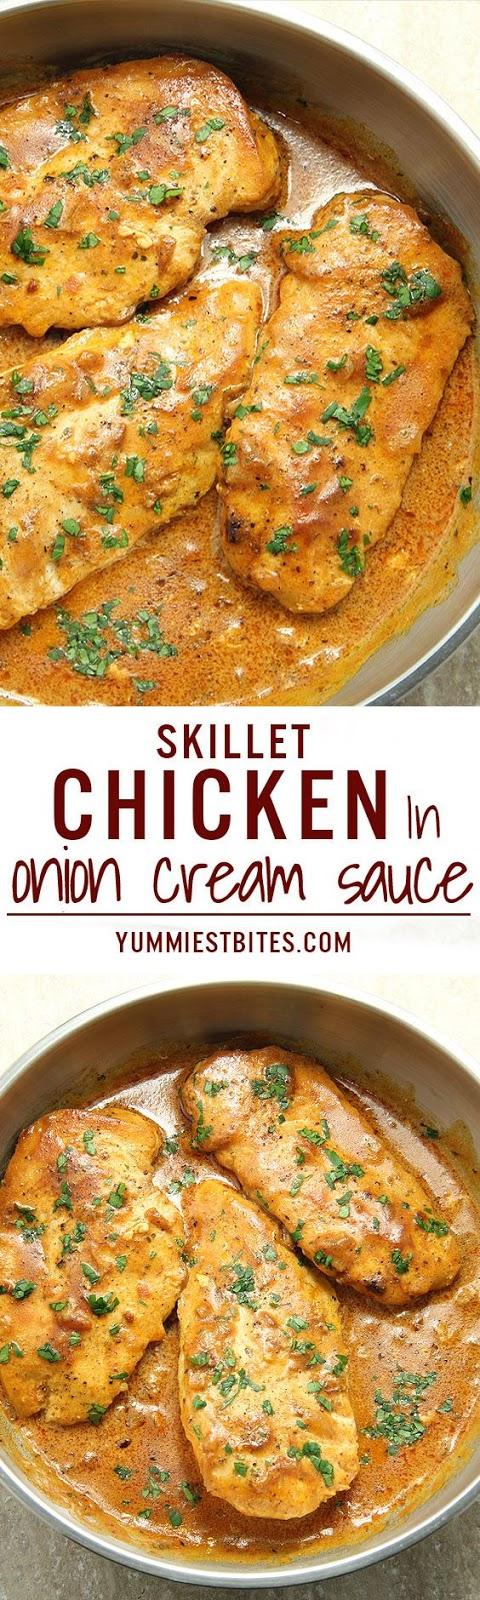 Skillet Chicken in onion cream sauce